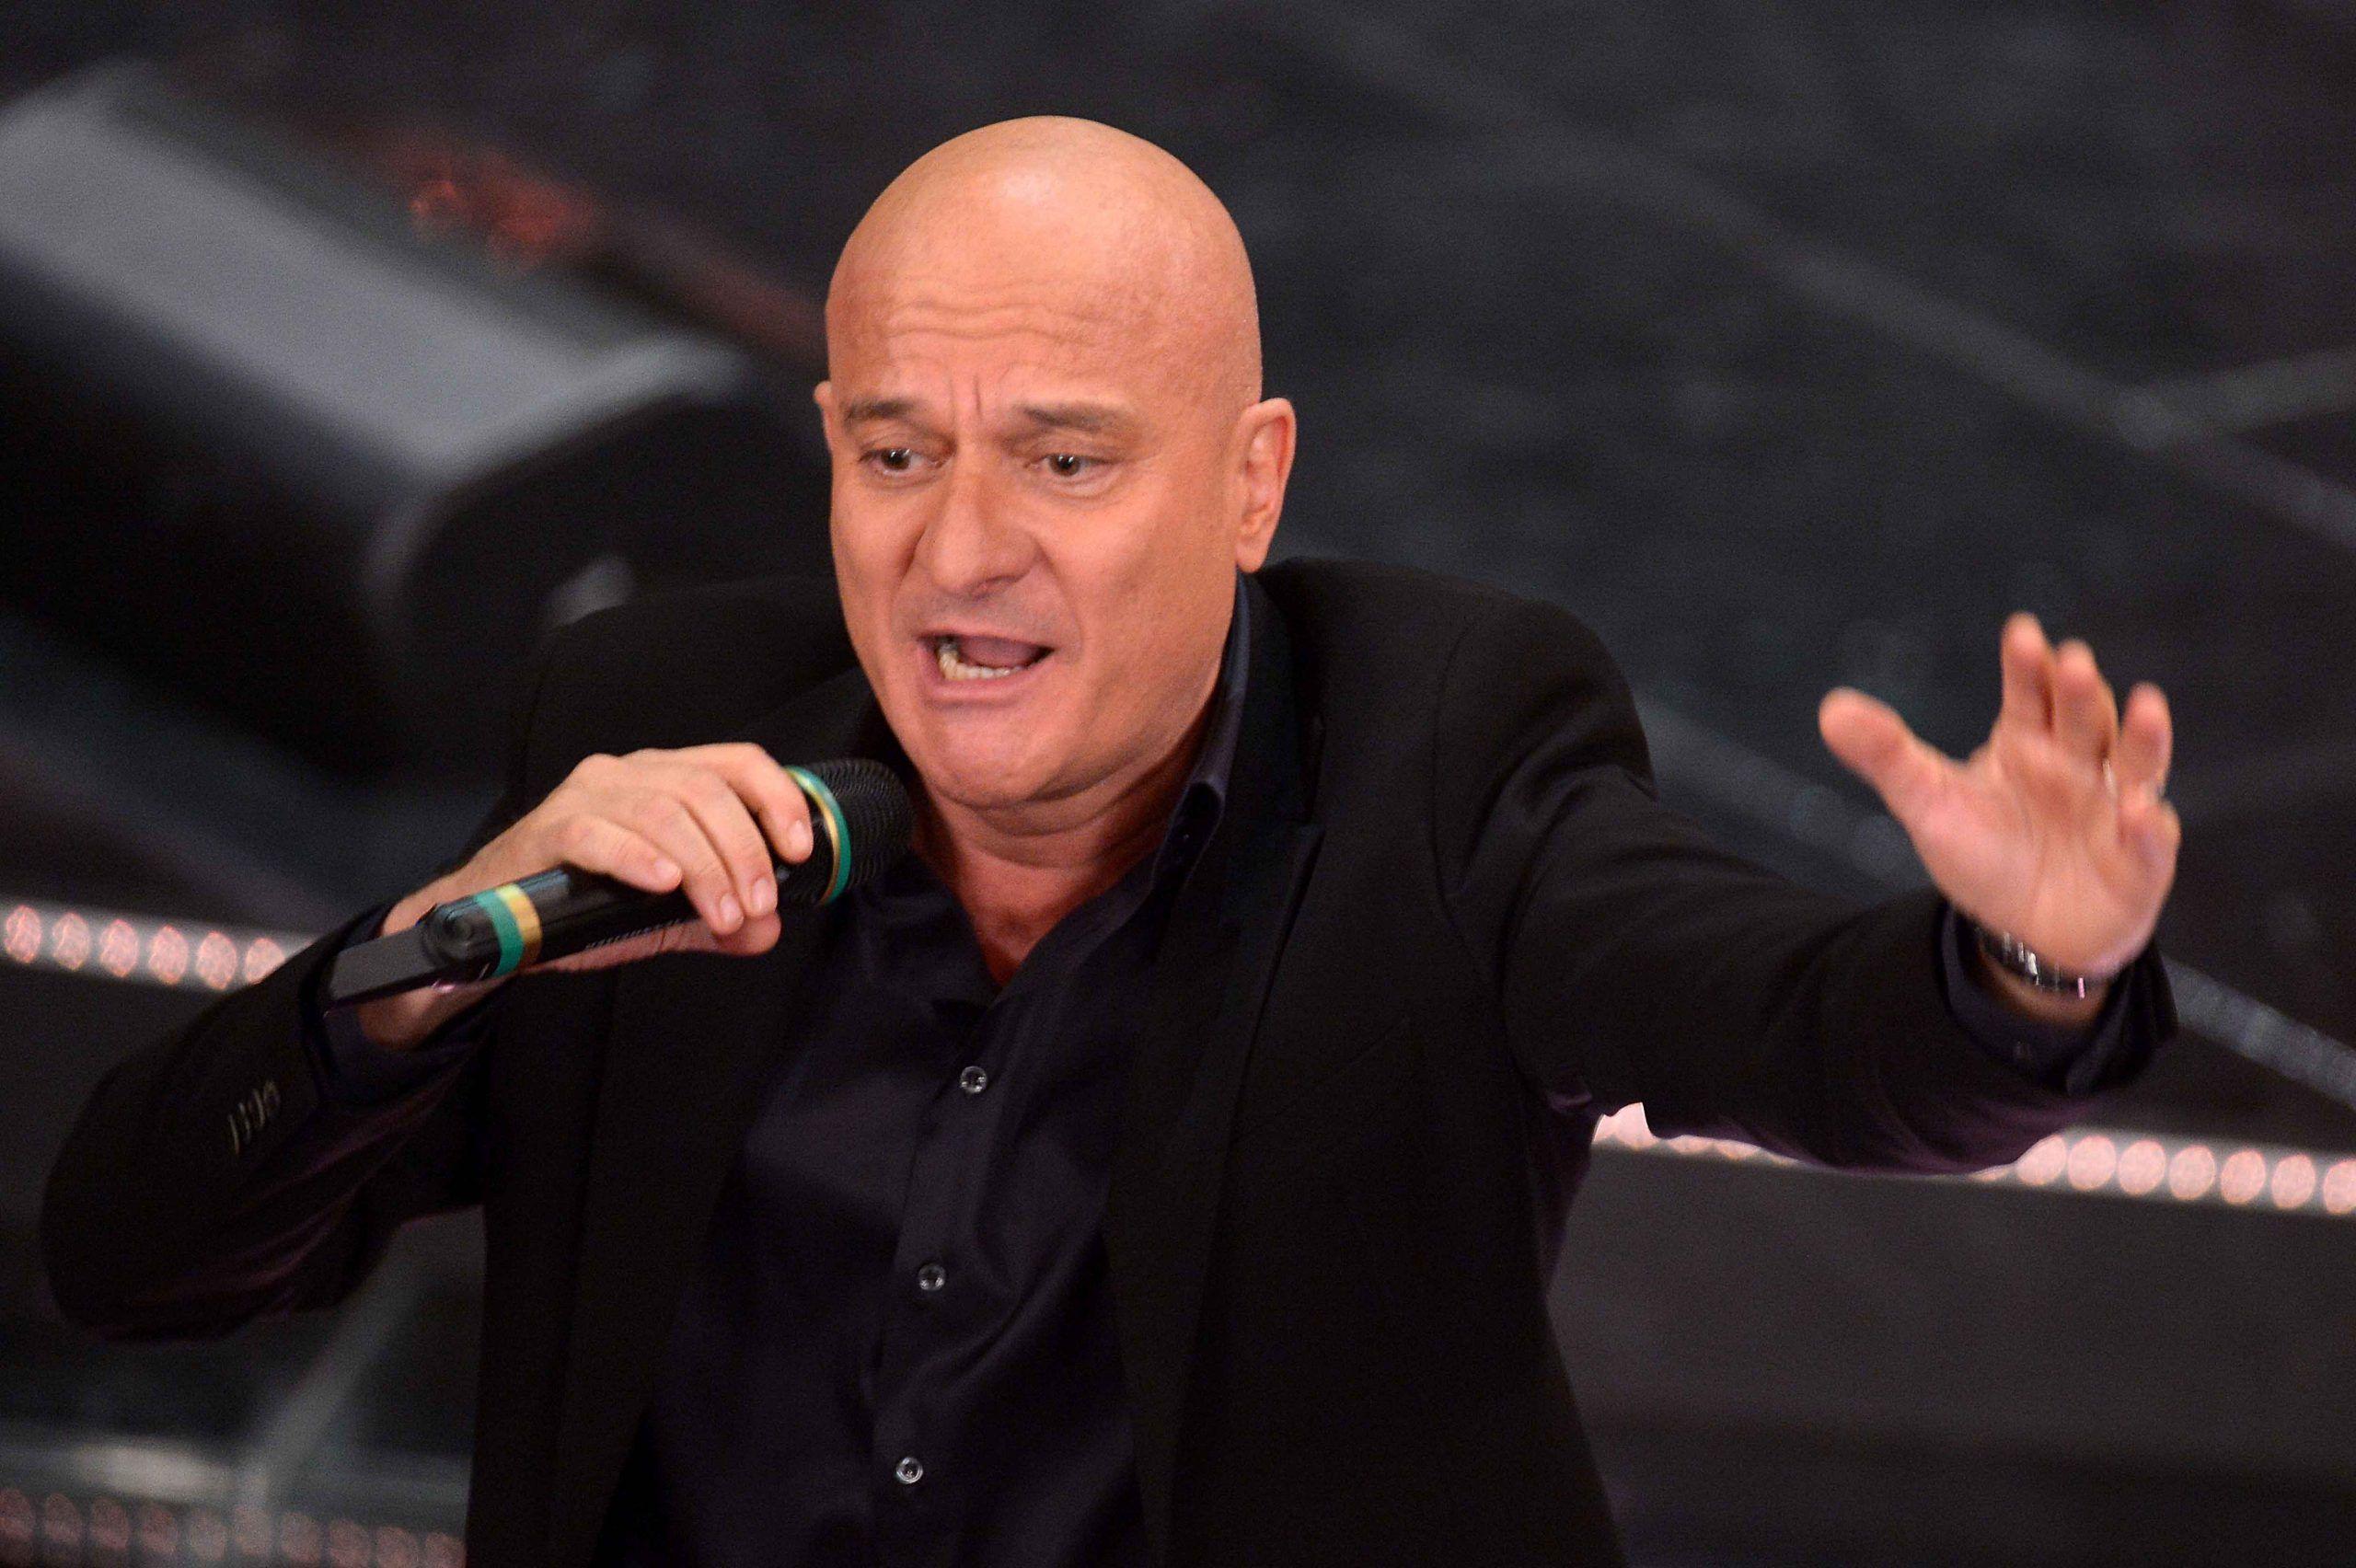 Italia's Got Talent, Claudio Bisio giudice nel 2014? Il comico conferma: 'Mi hanno contattato'